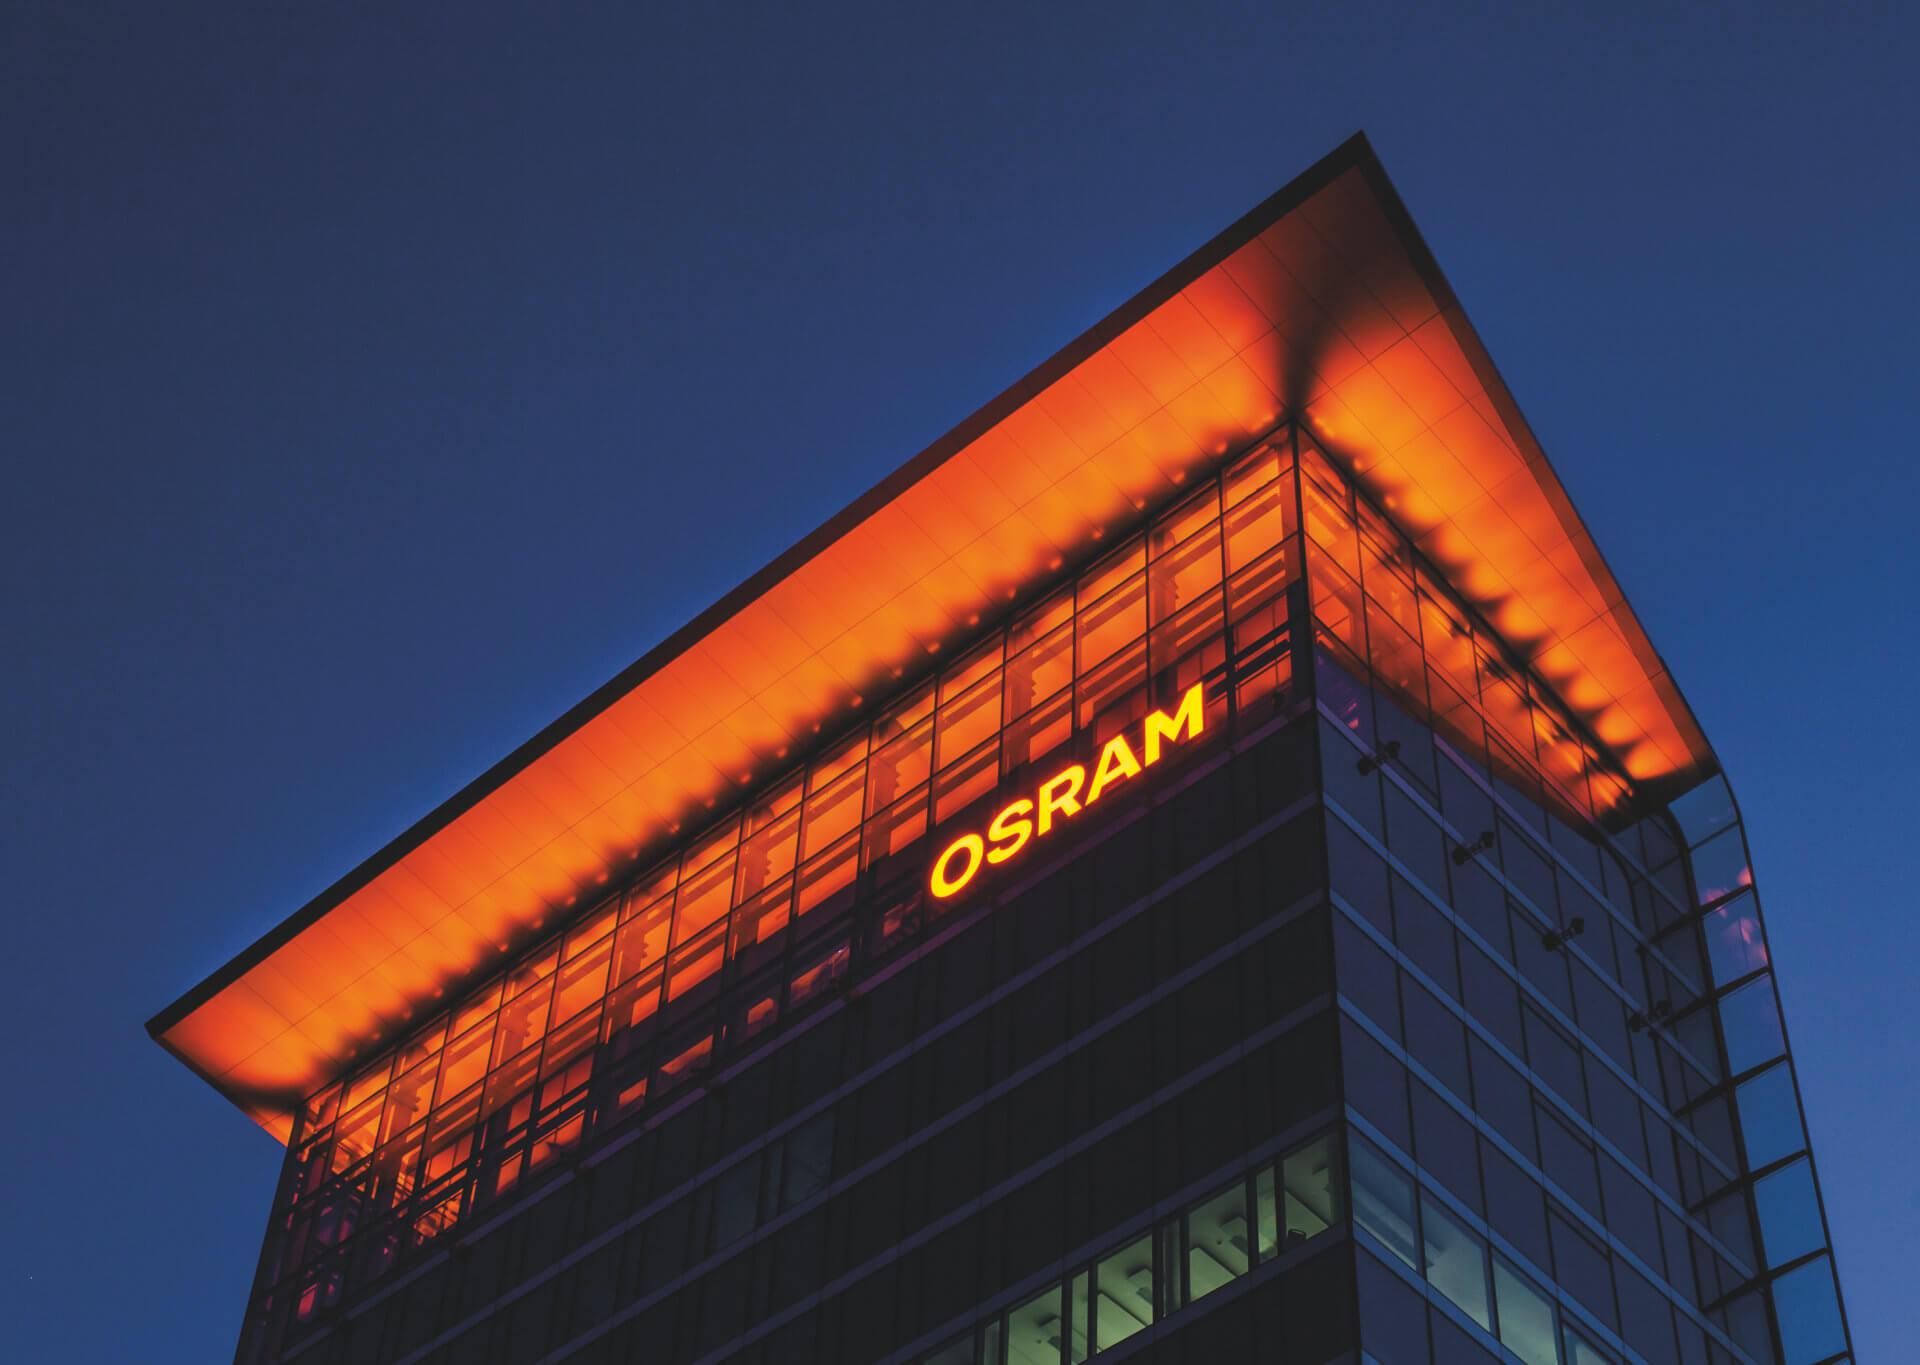 欧司朗确认将被收购,估值 34 亿欧元-BlueDotCC, 蓝点文化创意